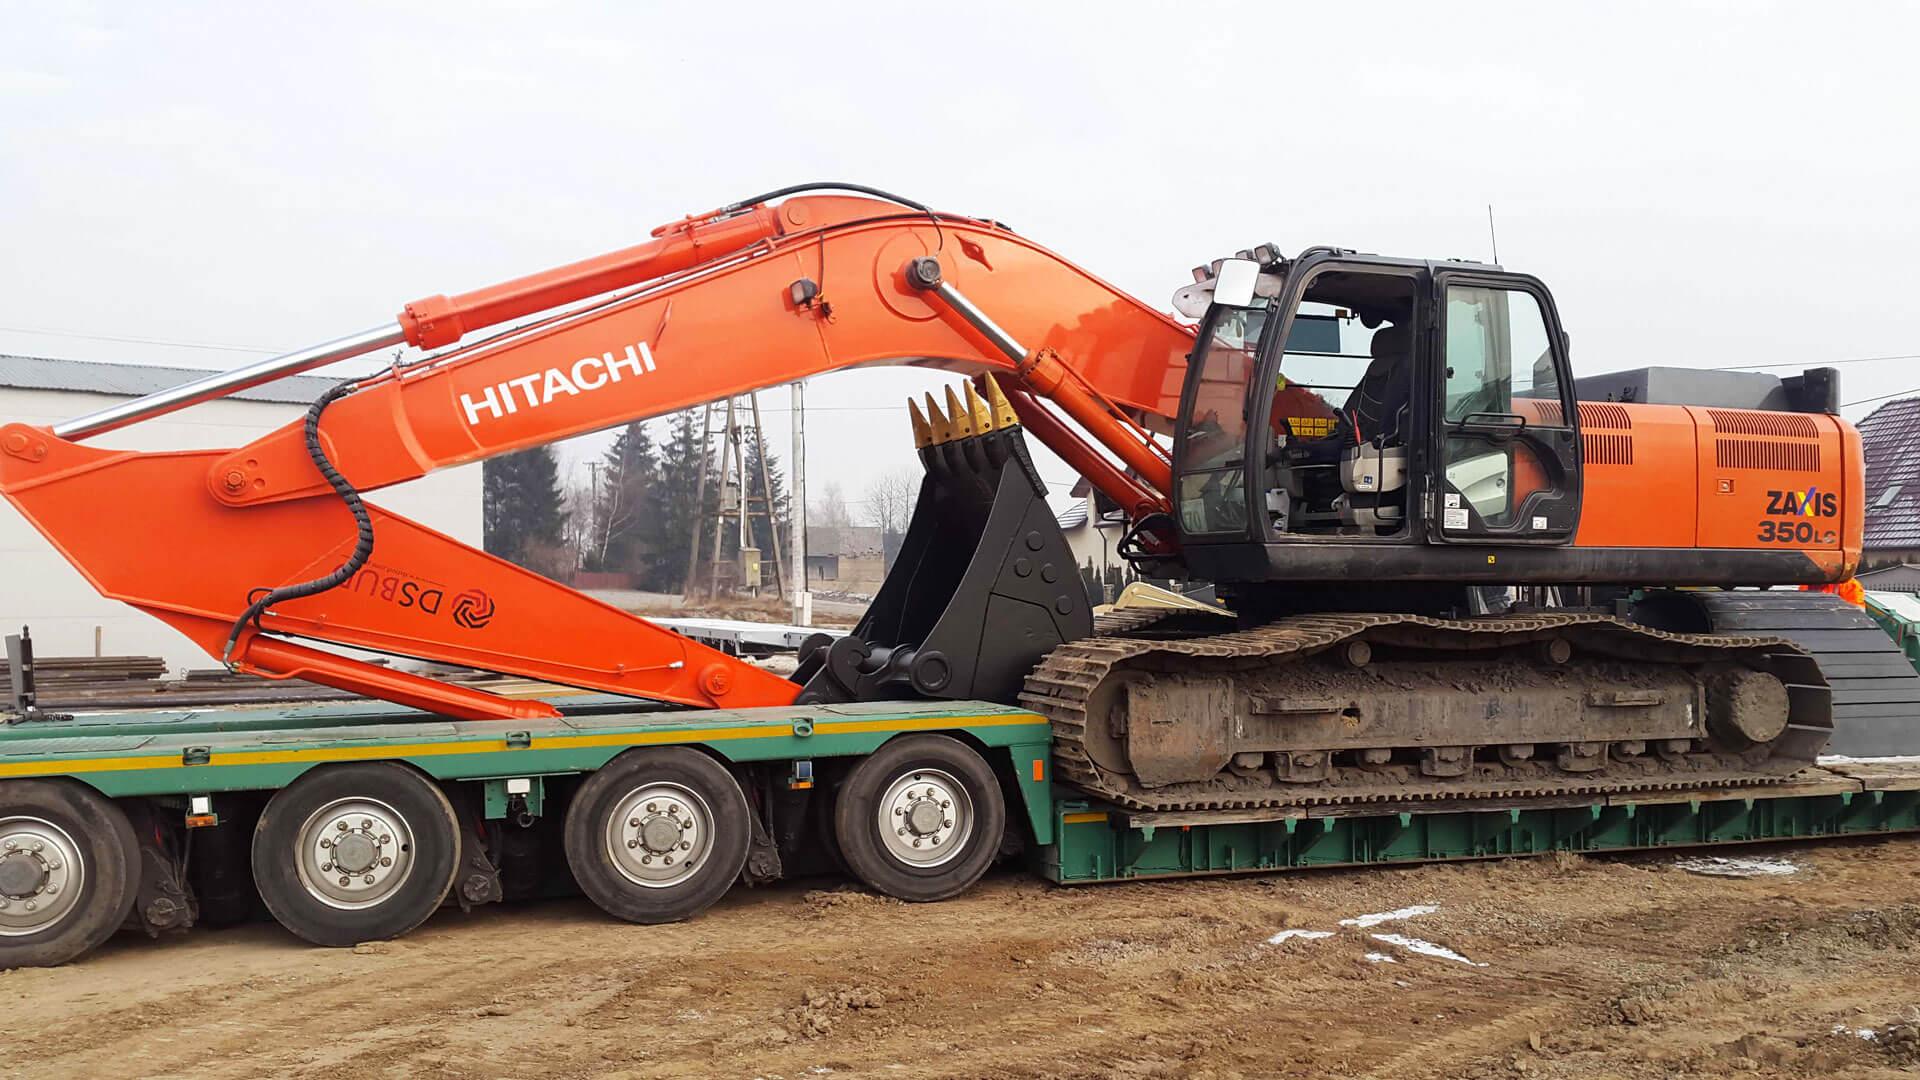 Hitachi-350-zaladunek